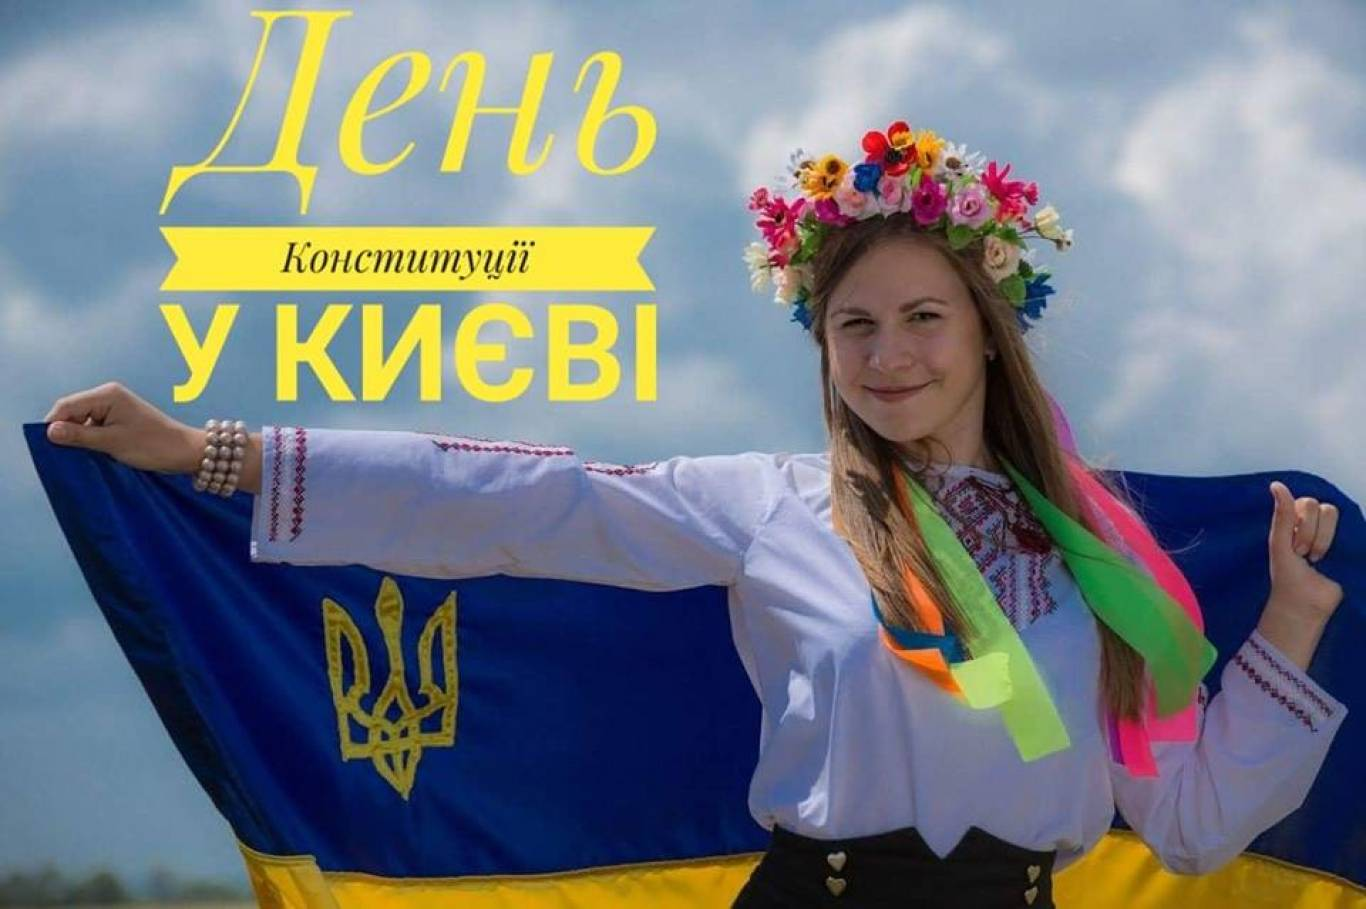 ТОП-5 подій на День Конституції у Києві